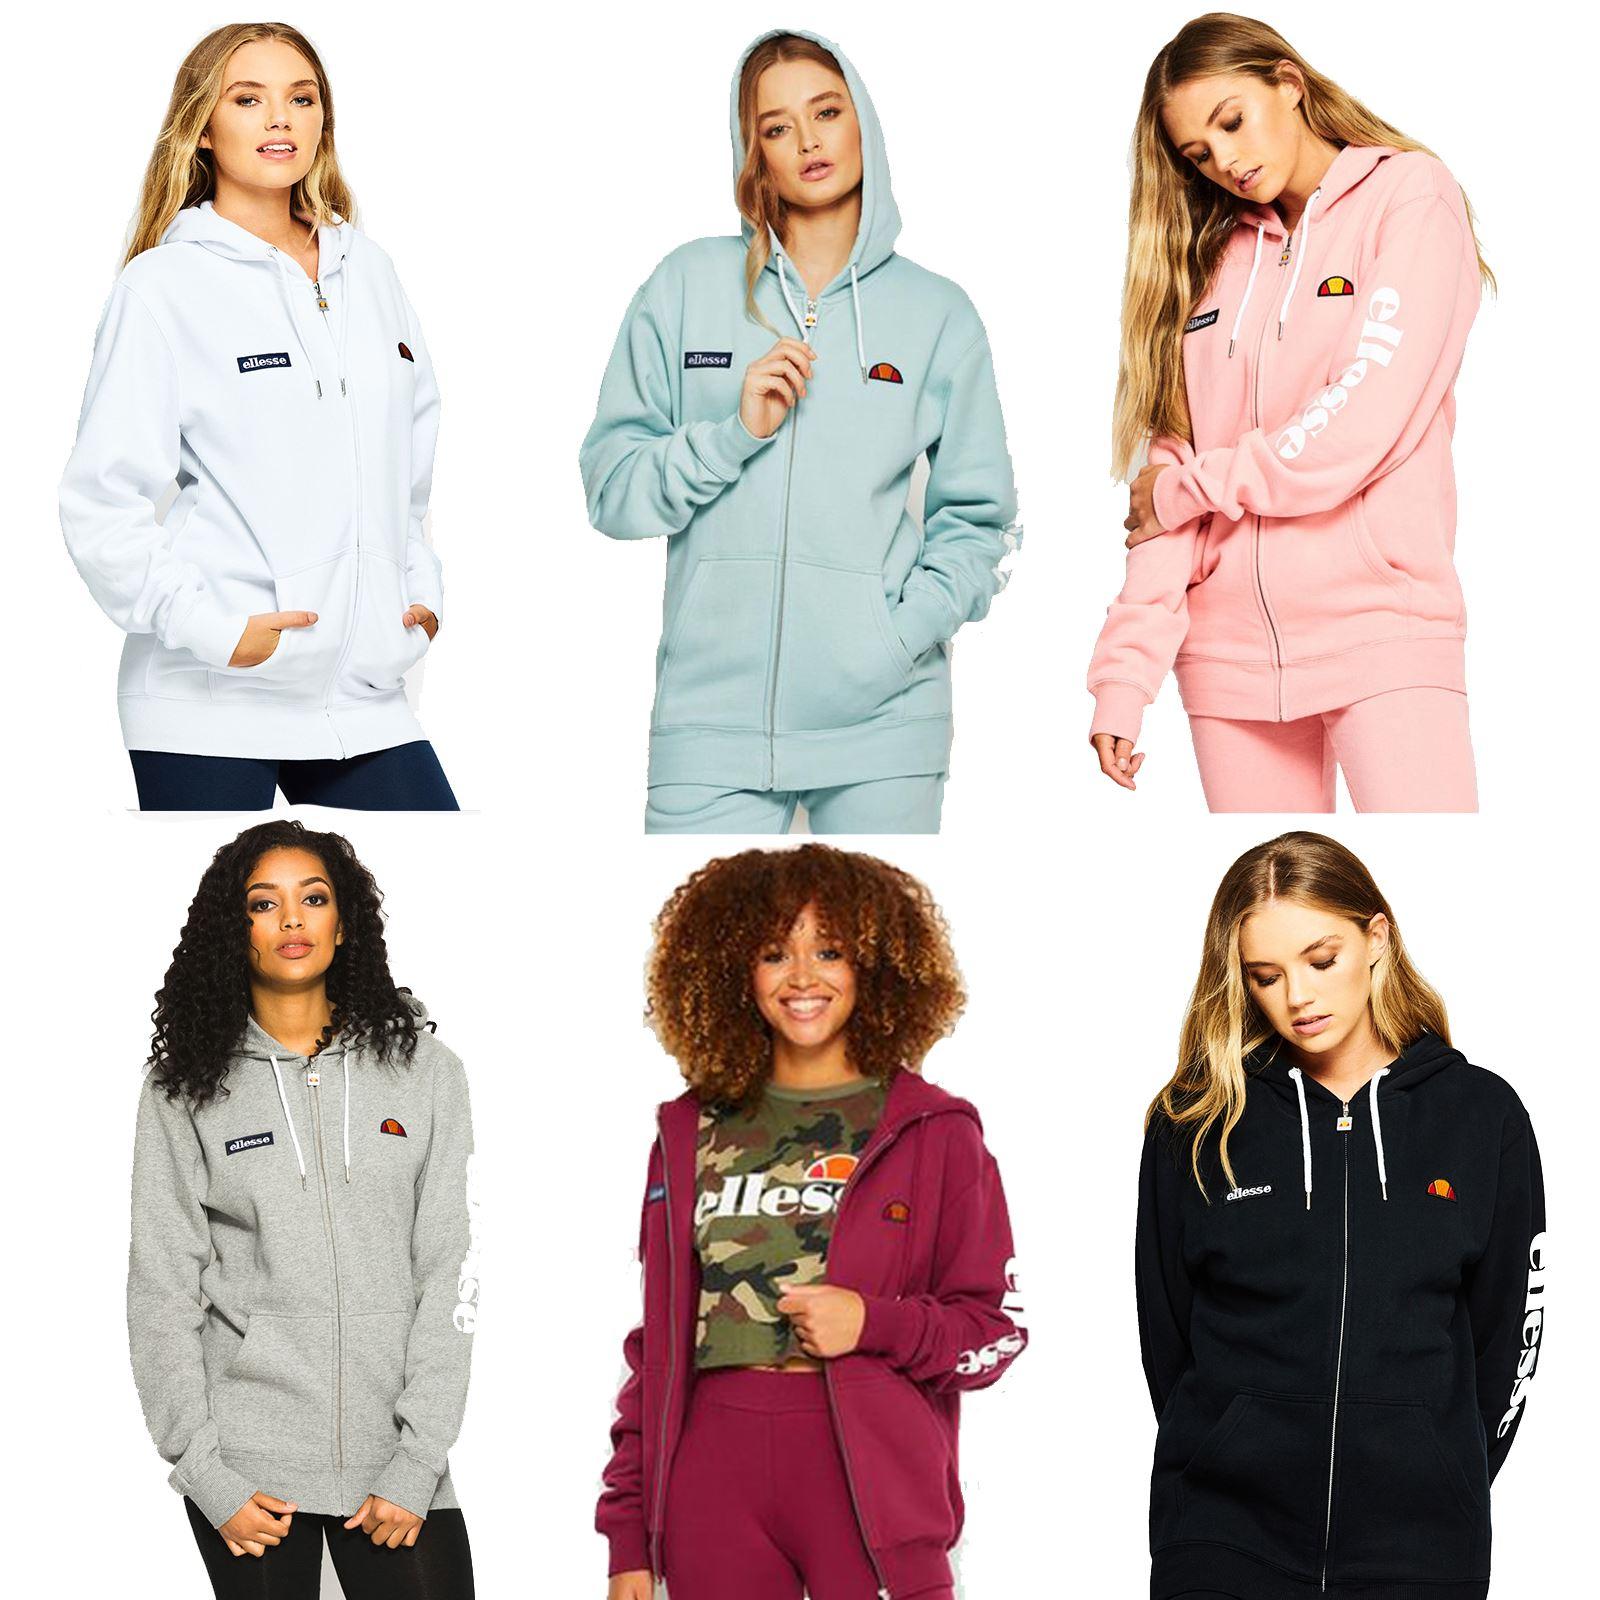 f83fba17 Details about Ellesse Serinatas Zip Hoody Sweat Top Tracksuit Women Jacket  SGS03134